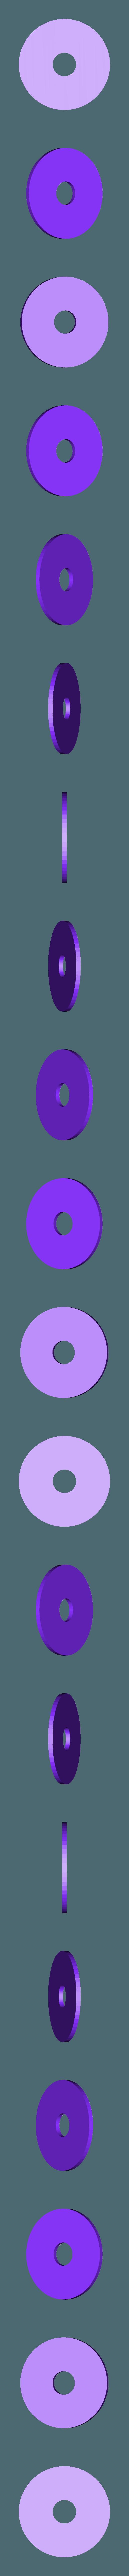 """penny_washer_32x8-25x1-6.stl Télécharger fichier STL gratuit Rondelle en Penny 32 mm de diamètre extérieur 8,25 mm de diamètre intérieur 1,6 mm d'épaisseur (~1,25"""" de diamètre extérieur) • Objet à imprimer en 3D, peaberry"""